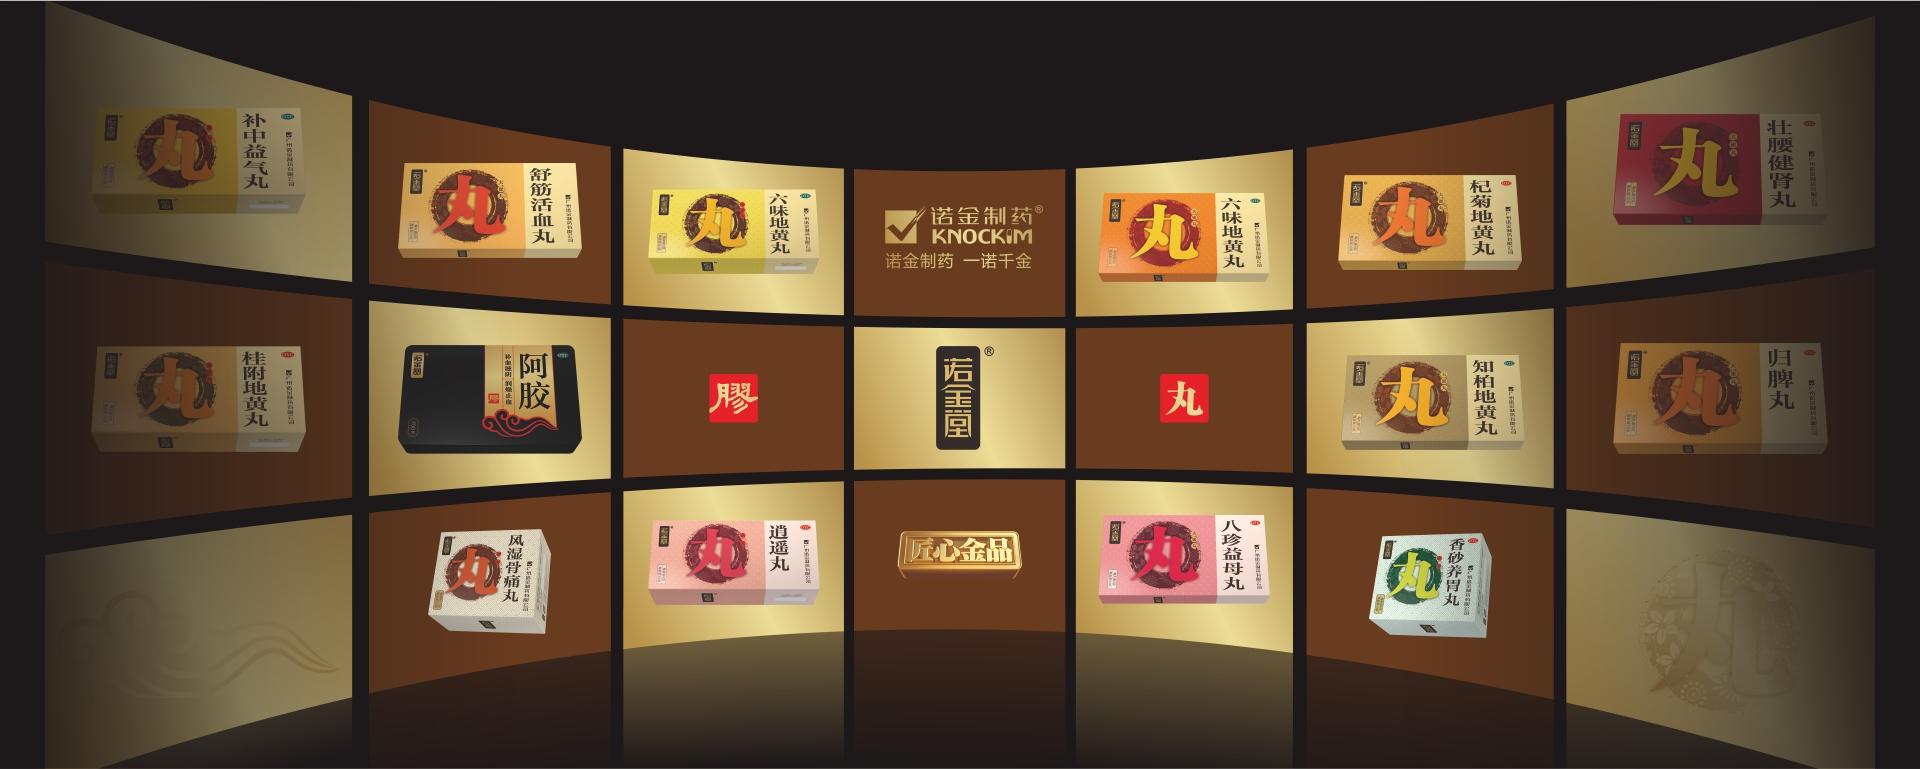 雷竞技官网入口堂产品墙